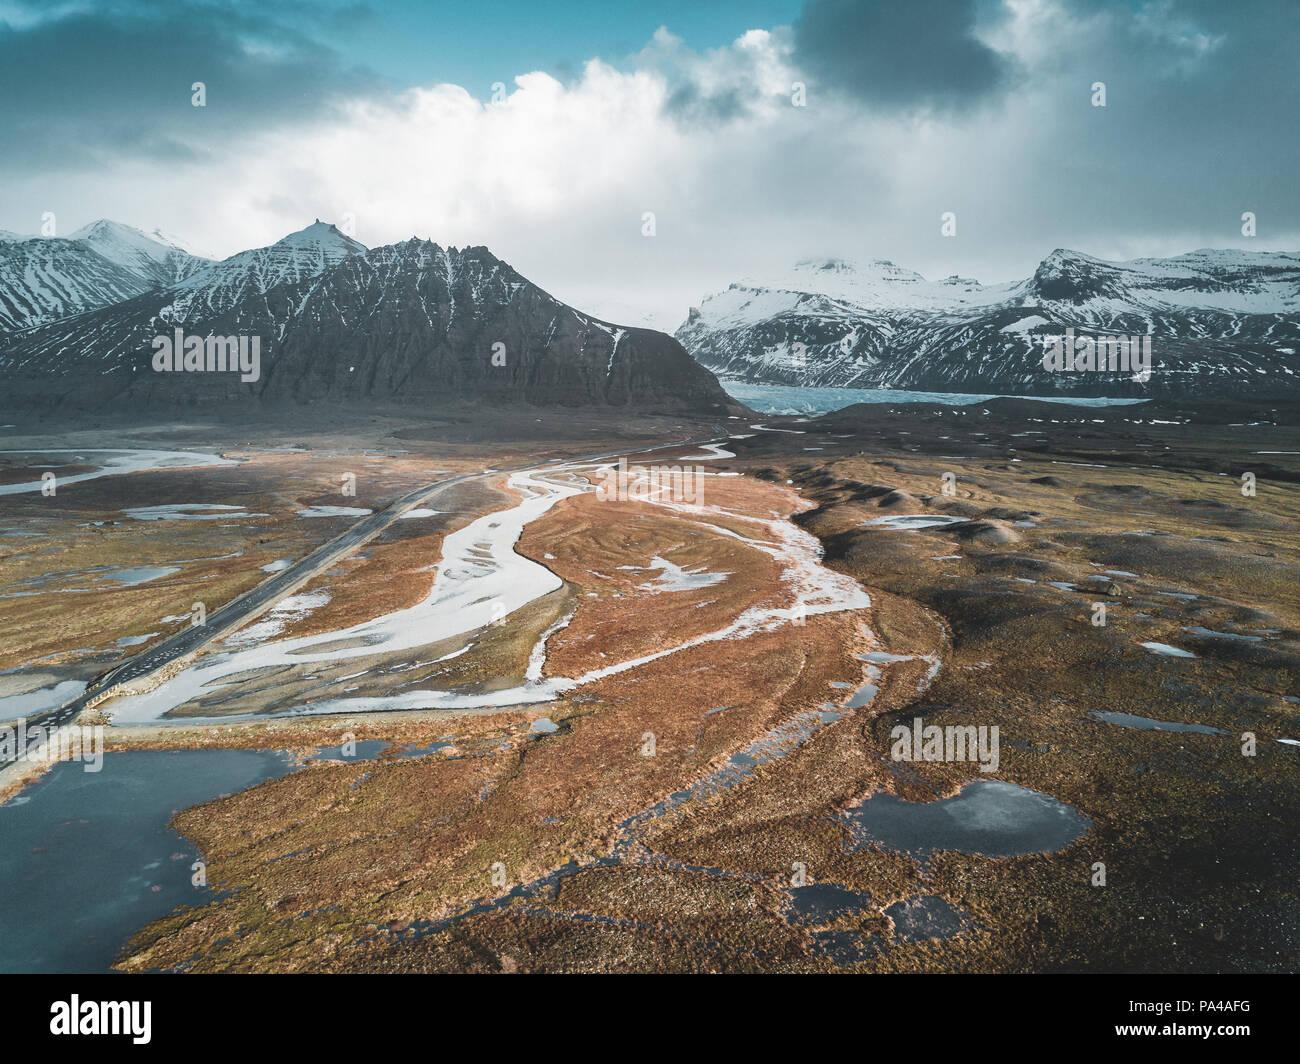 Glacier de Vatnajokull drone aérien image avec street highway et nuages et ciel bleu. Scène d'hiver spectaculaire du parc national du Vatnajökull, l'Islande, l'Europe. Beauté de la nature concept arrière-plan. Photo Stock